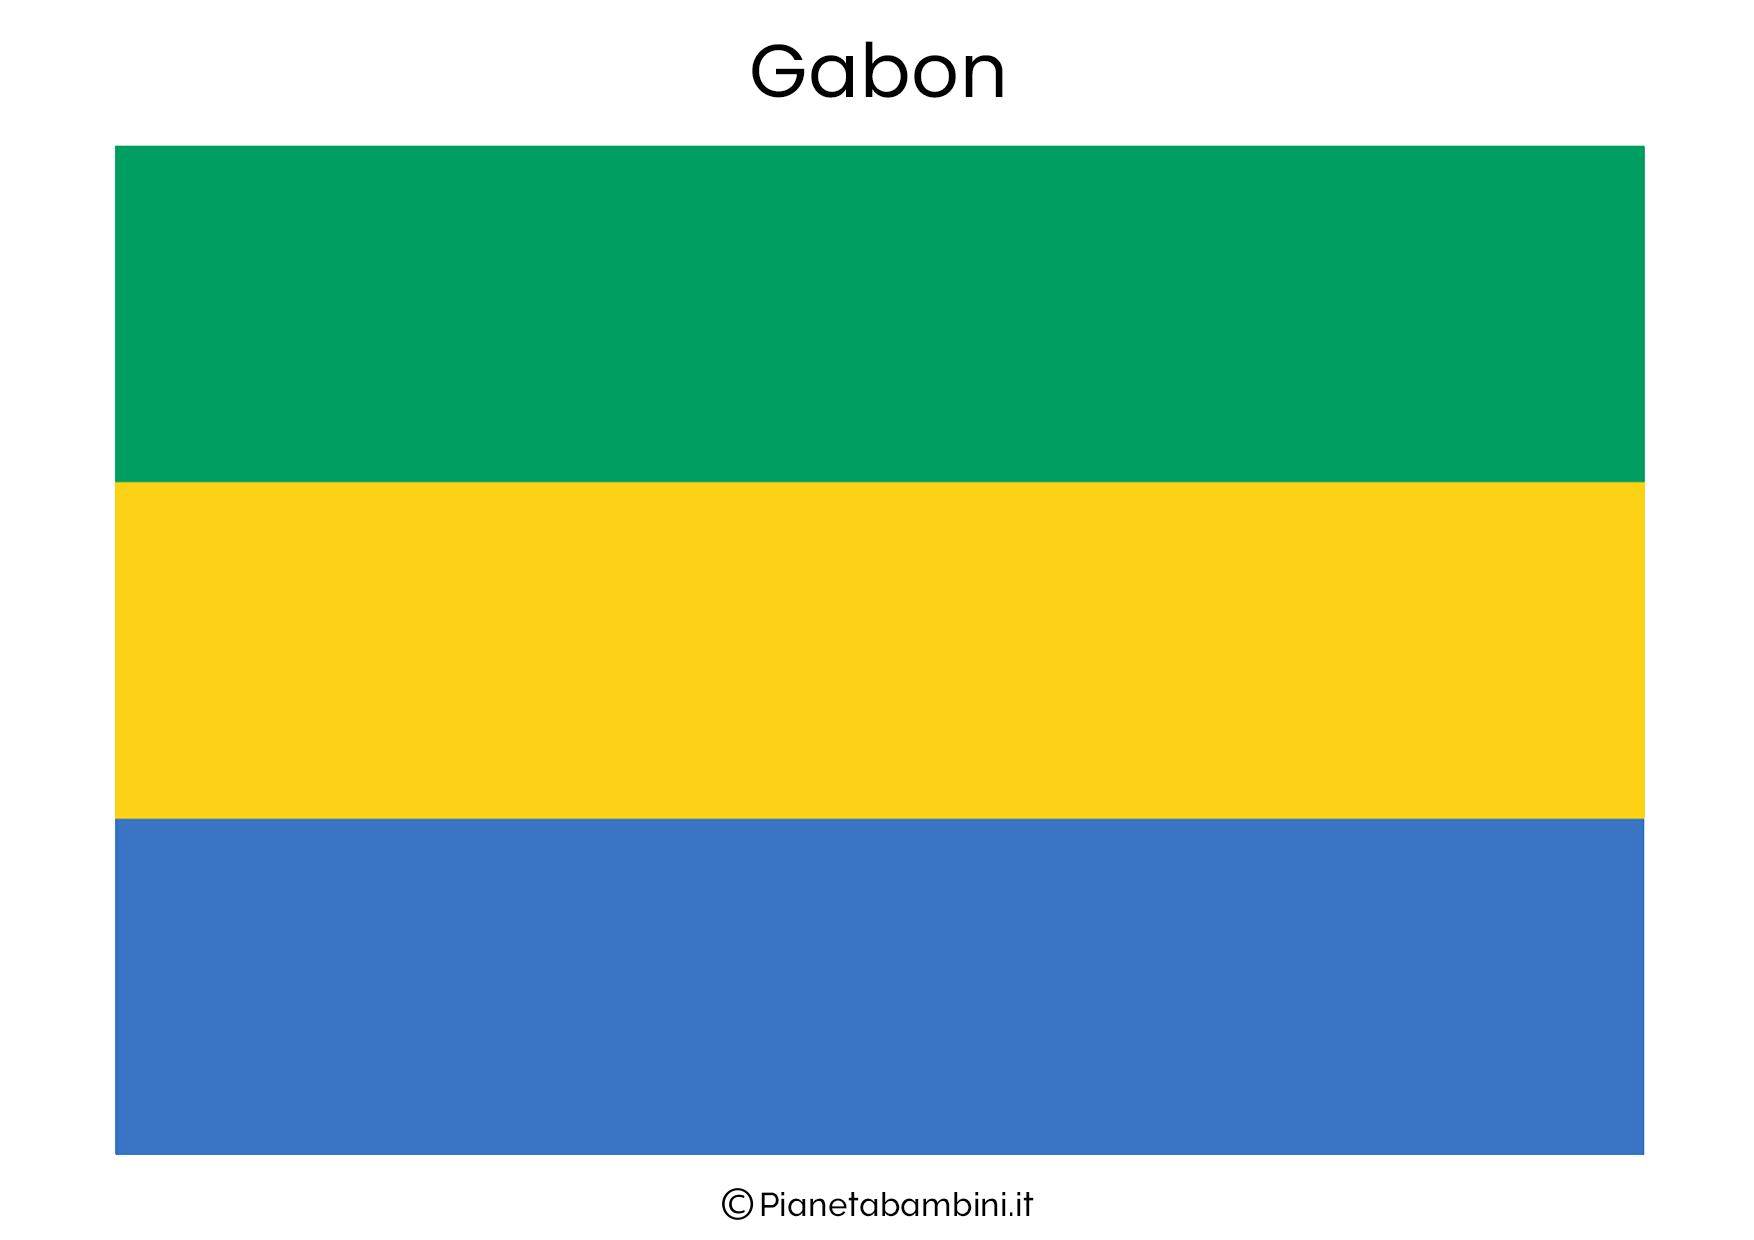 Bandiera del Gabon da stampare